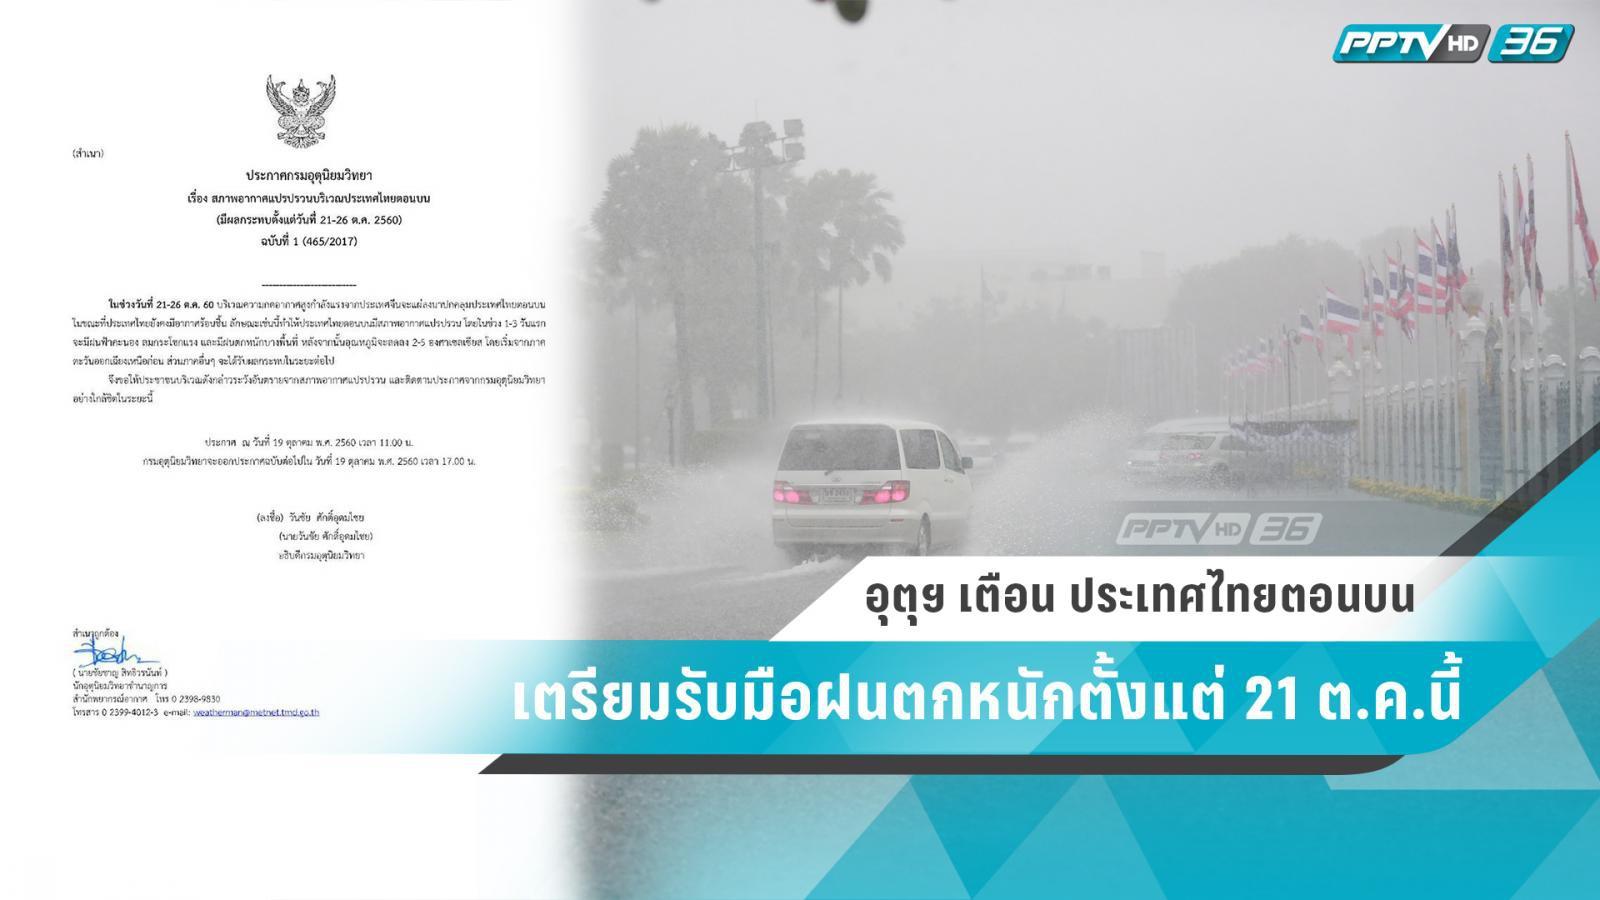 อุตุฯ เตือน ประเทศไทยตอนบนเตรียมรับมือฝนตกหนักตั้งแต่ 21 ต.ค.นี้